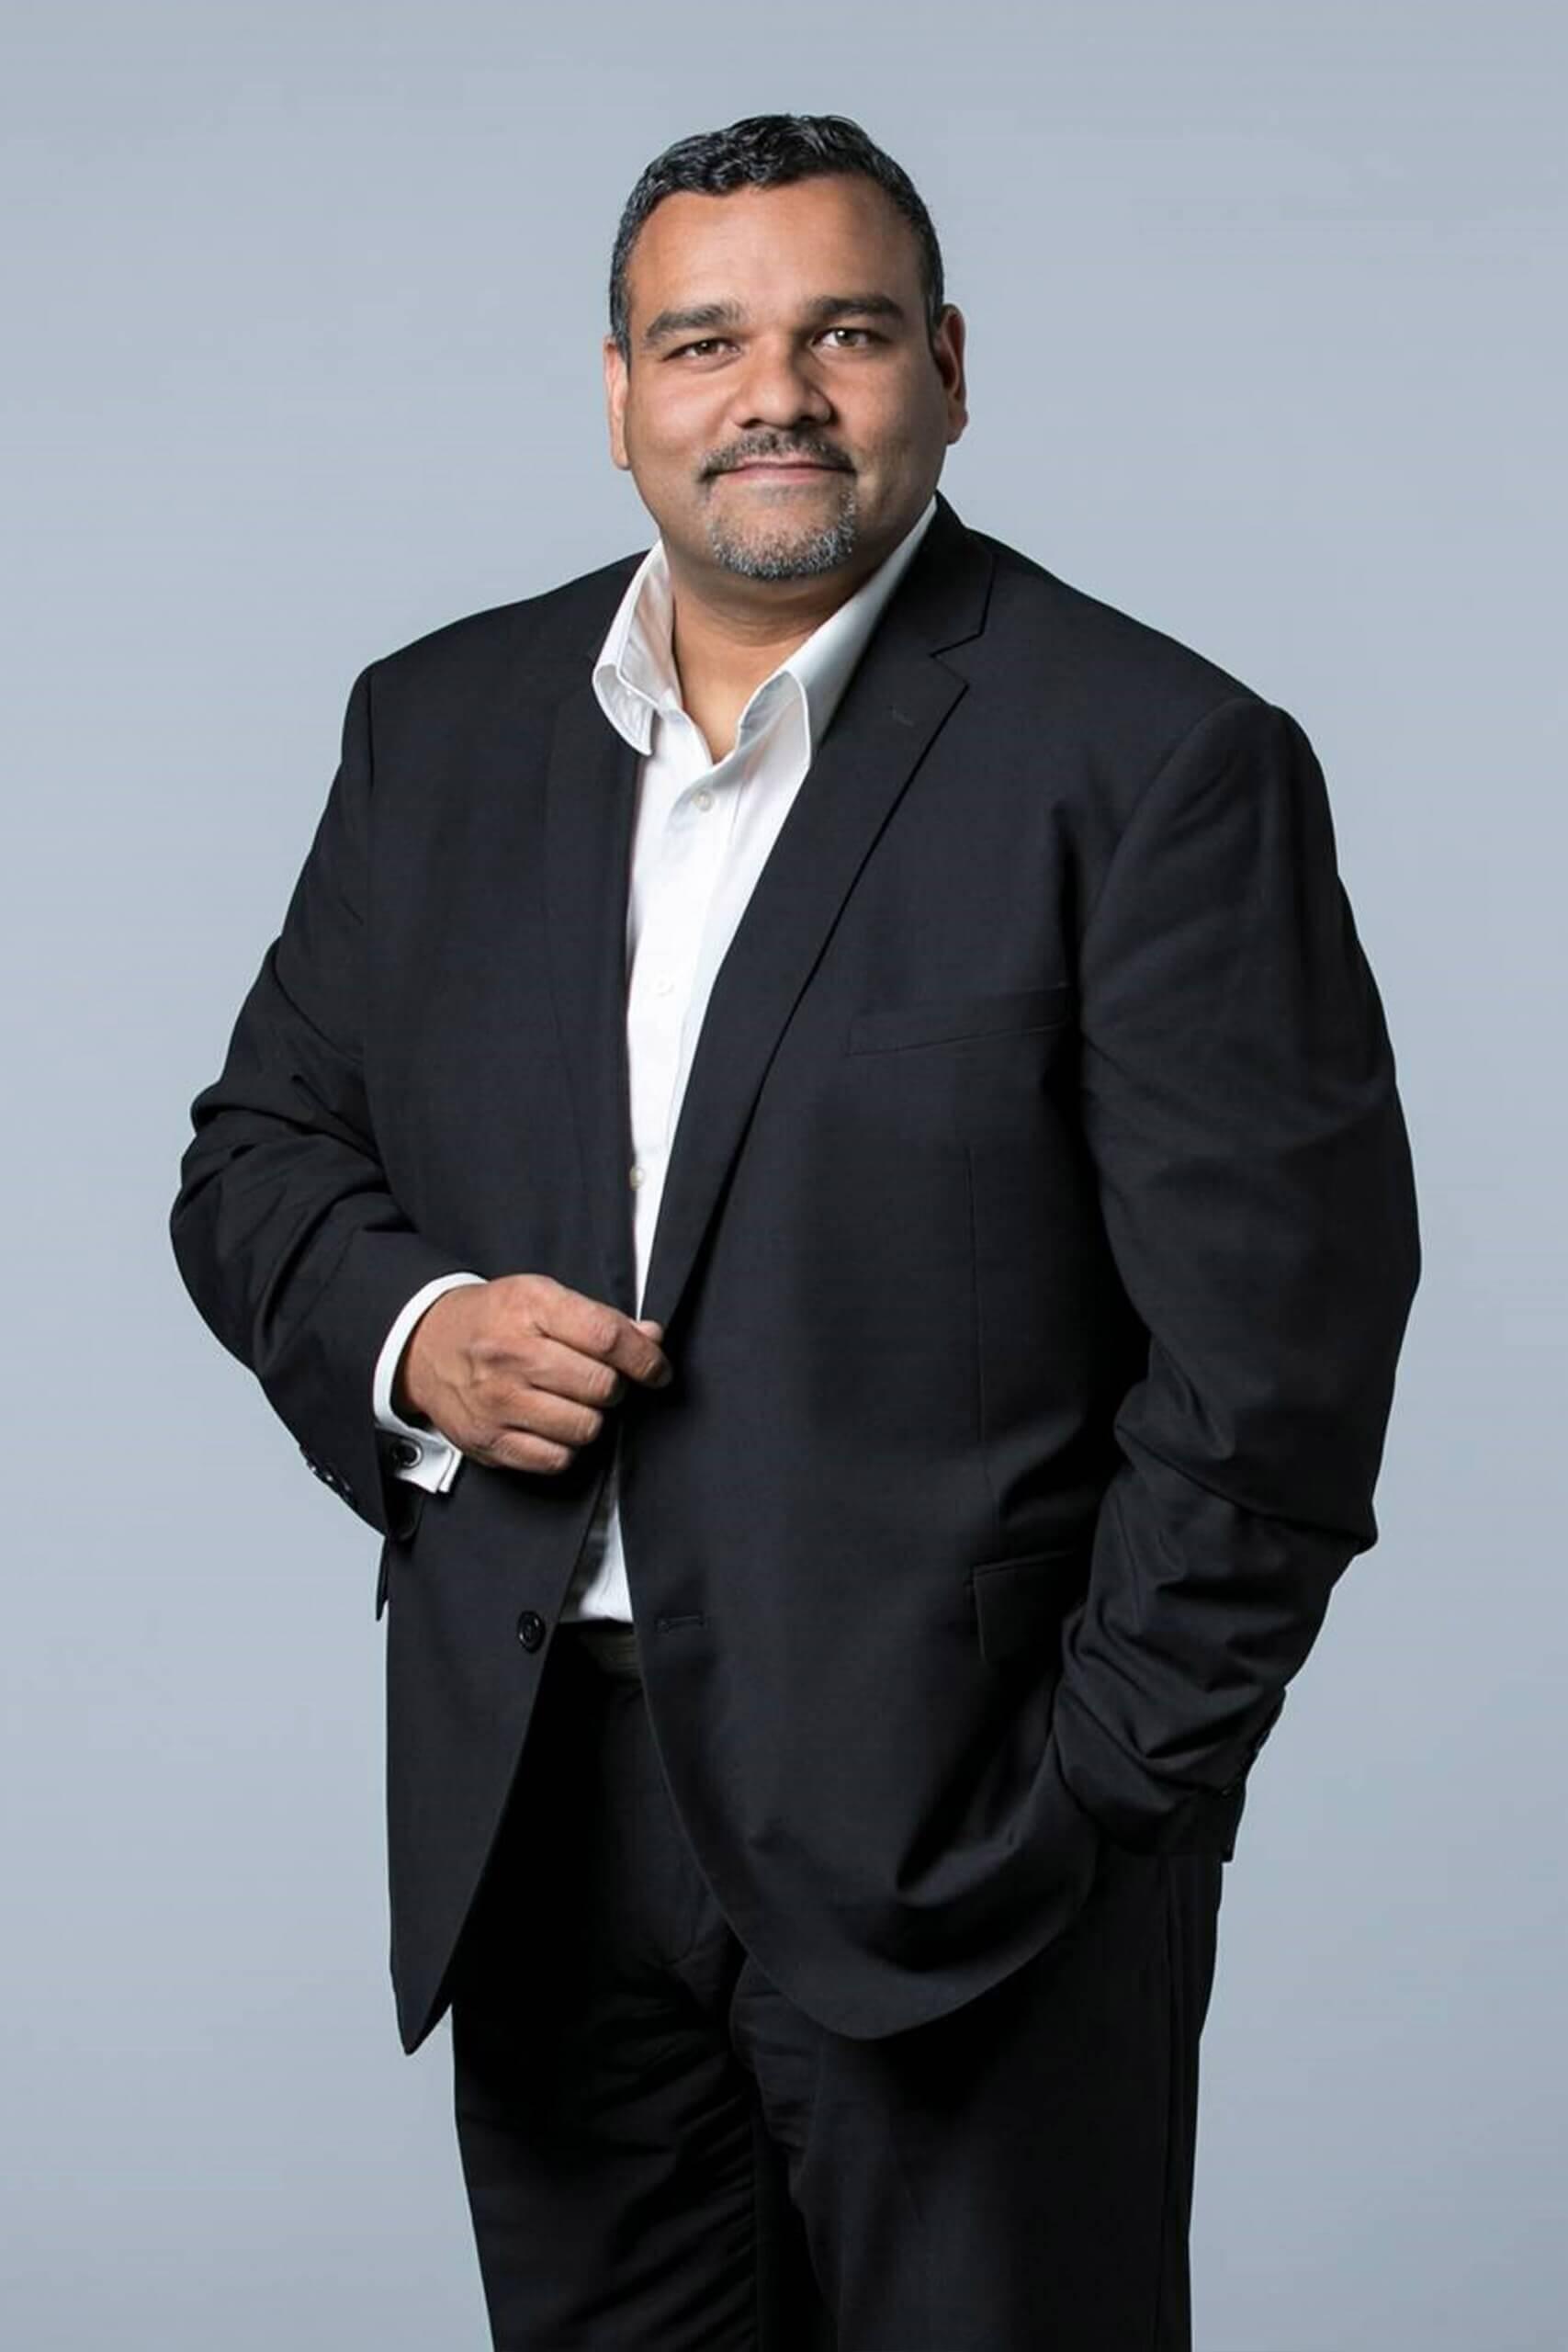 Damien Melder